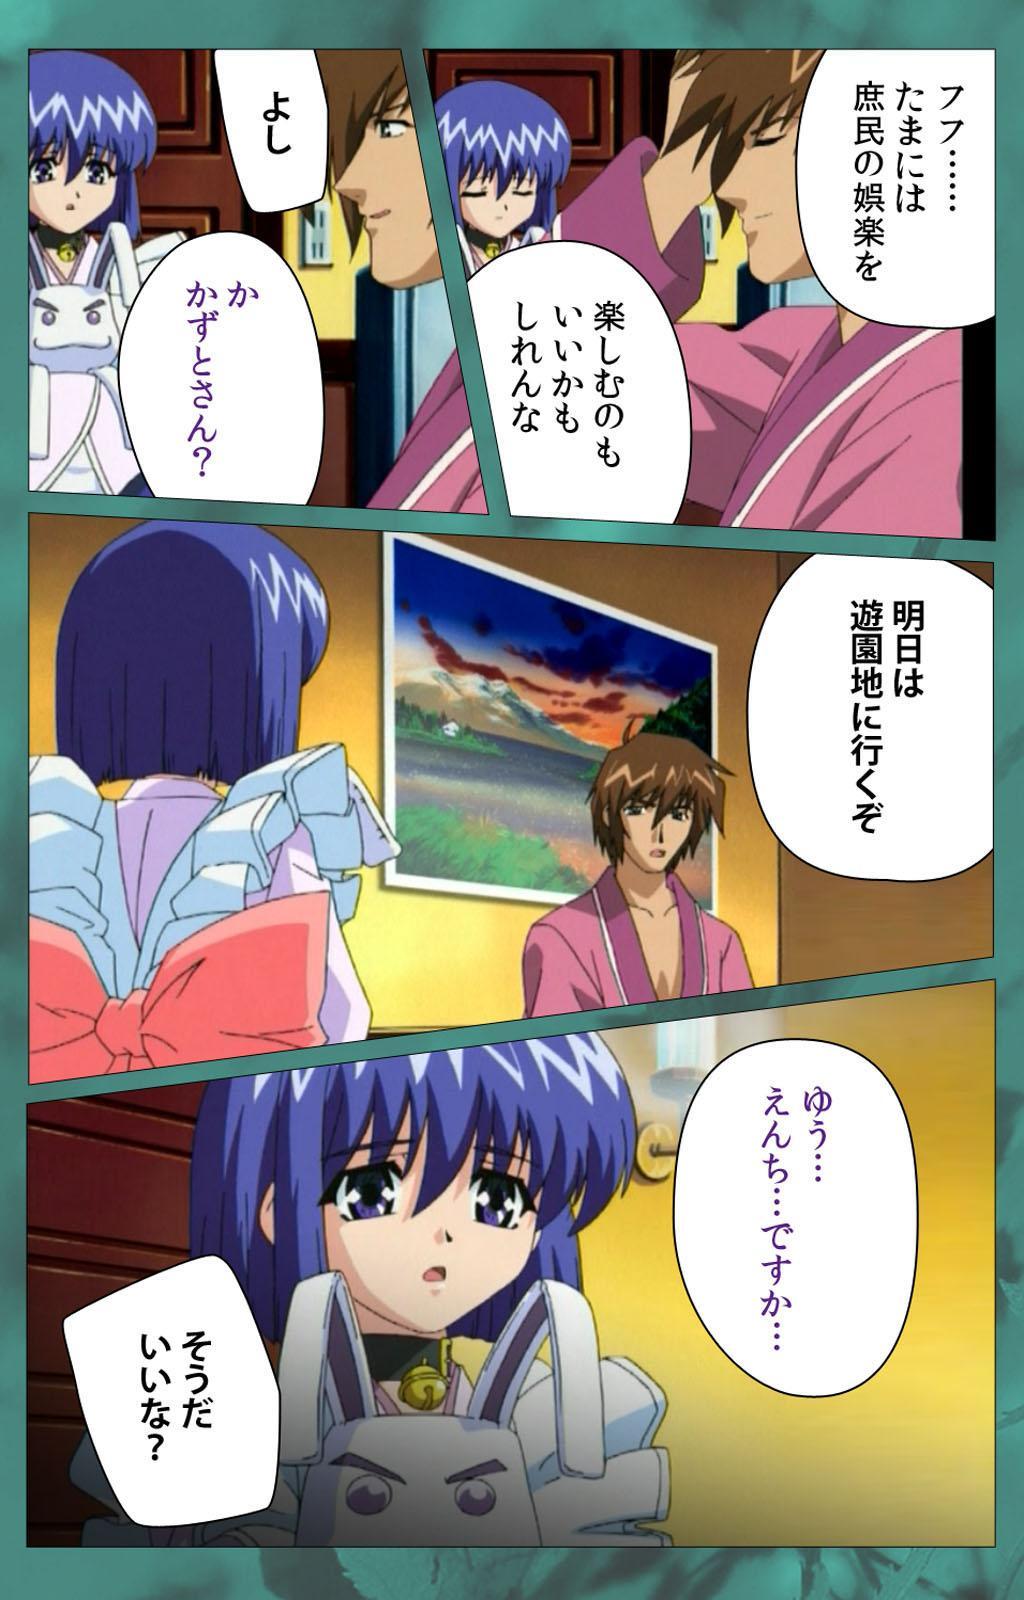 'watashi ningyo jaarimasen' kanzenhan 302